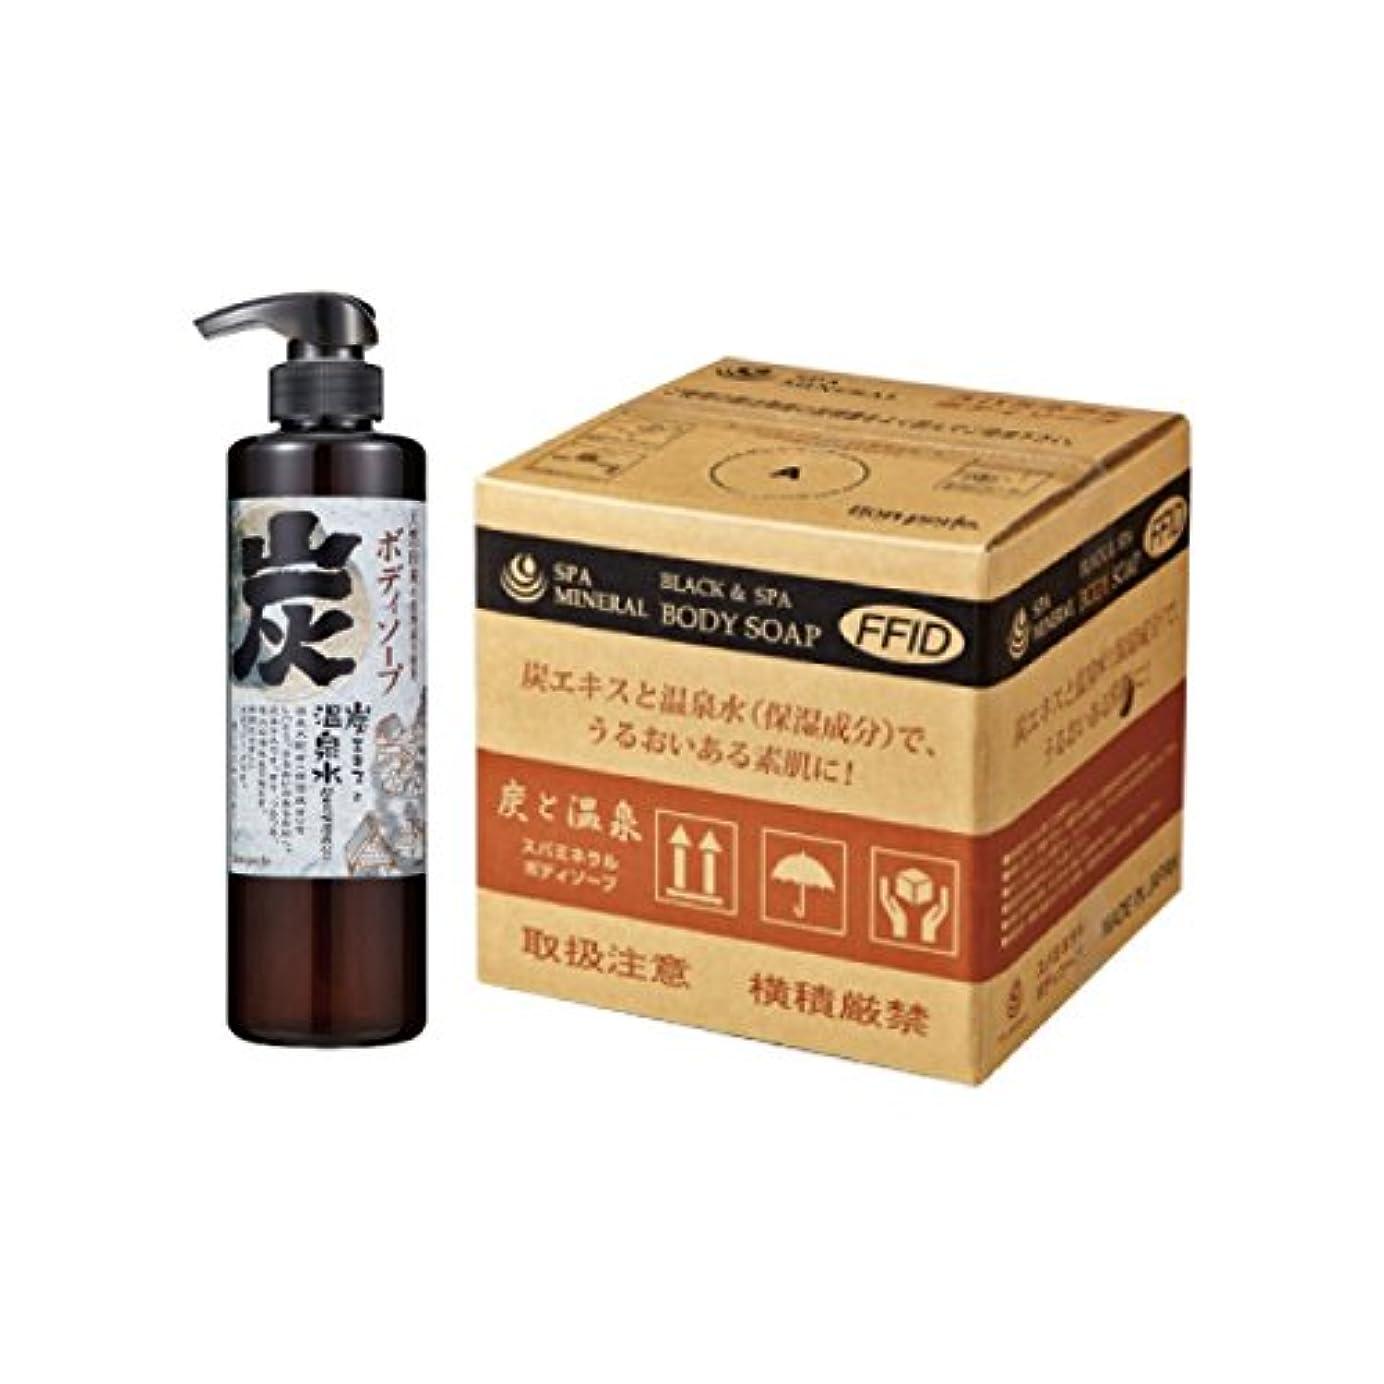 以上まとめる血色の良いスパミネラル 炭と温泉 ボディソープ 業務用 20 L